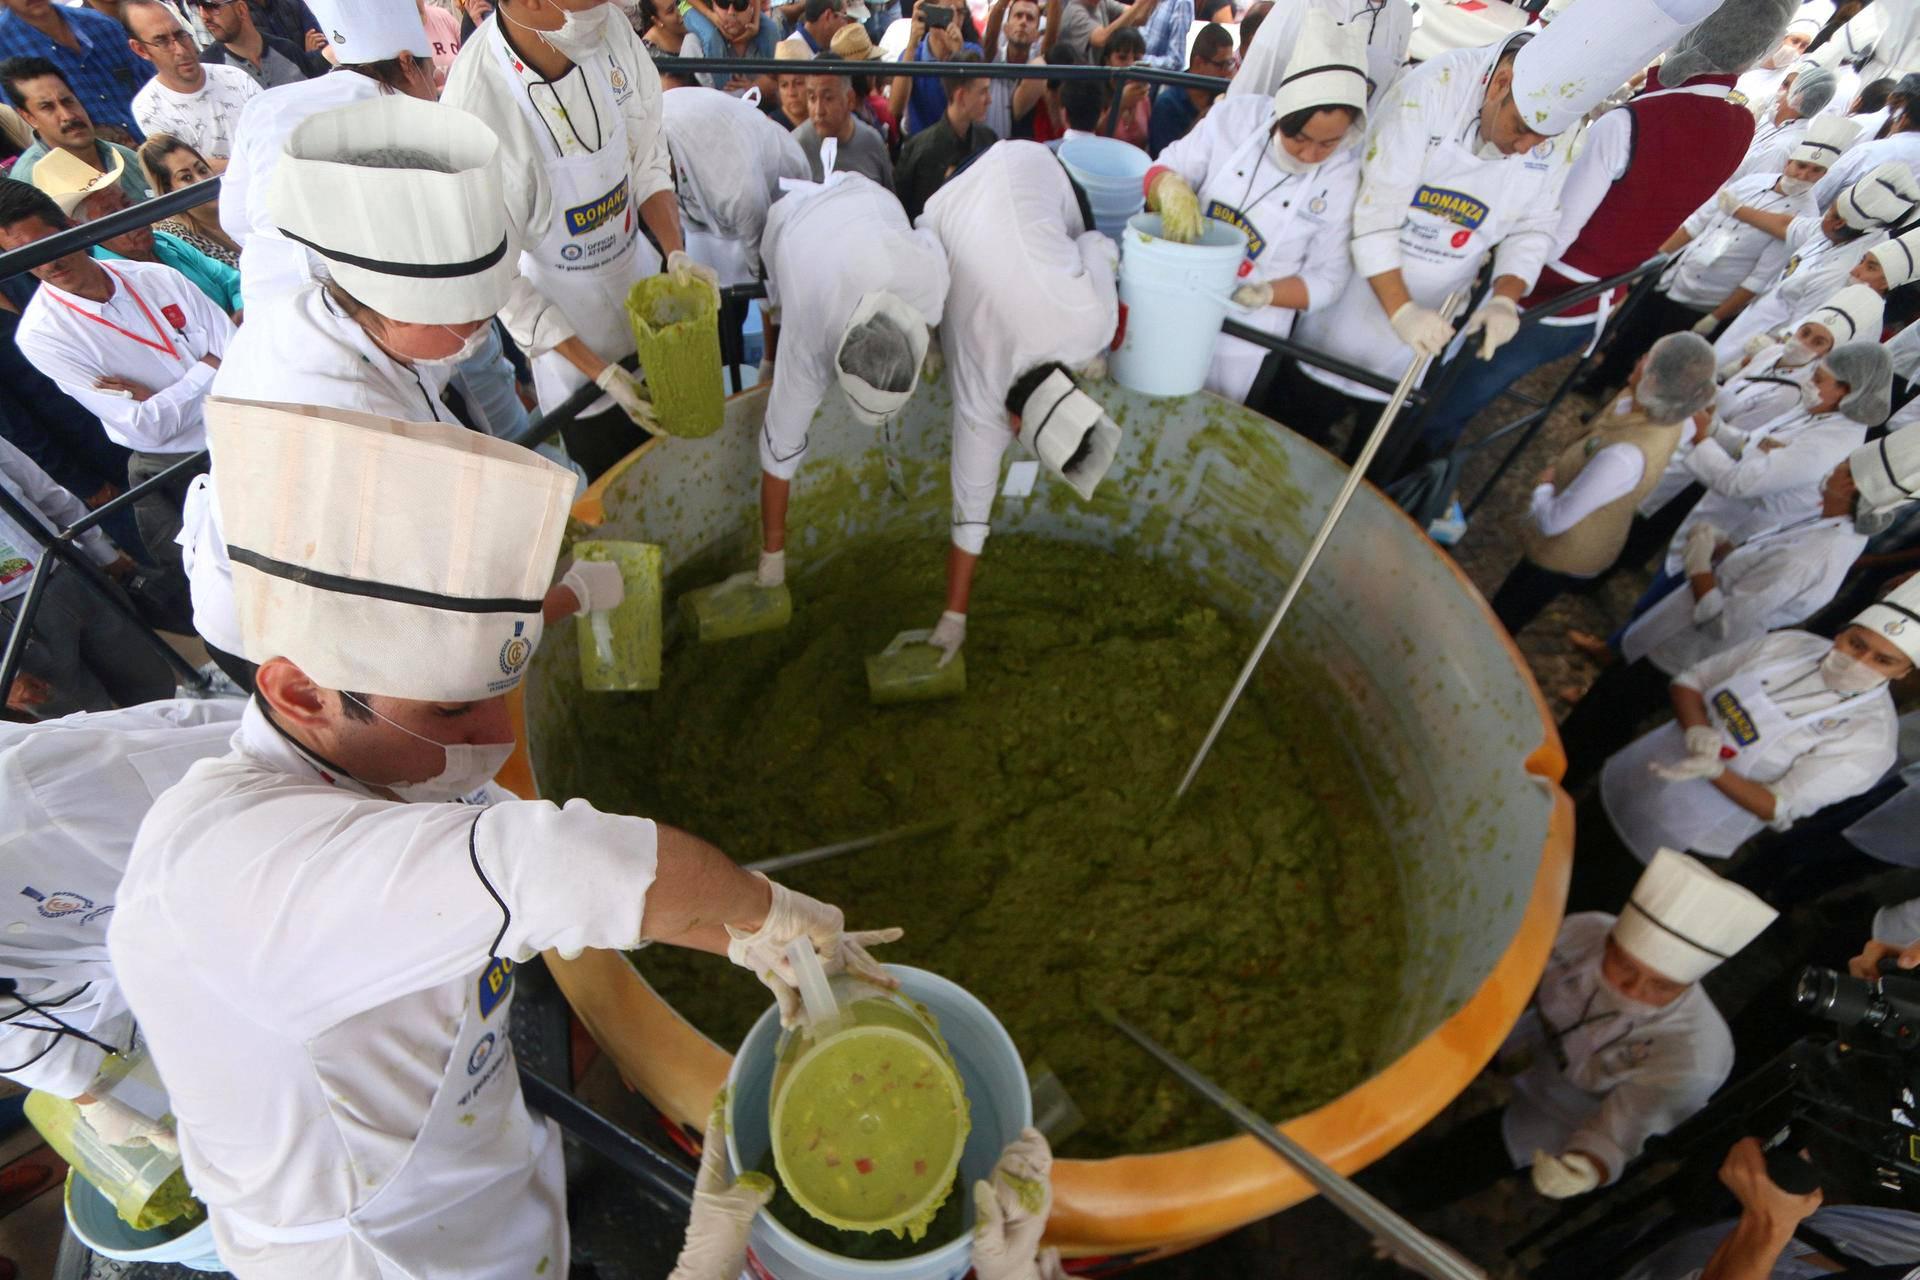 Kokkikoulun oppilaat meksikolaisessa Jaliscon maakunnassa valmistavat sunnuntaina avokaadoista massiivista guacamole-annosta, jolla he yrittävät päästä Guinnessin ennätysten kirjaan.